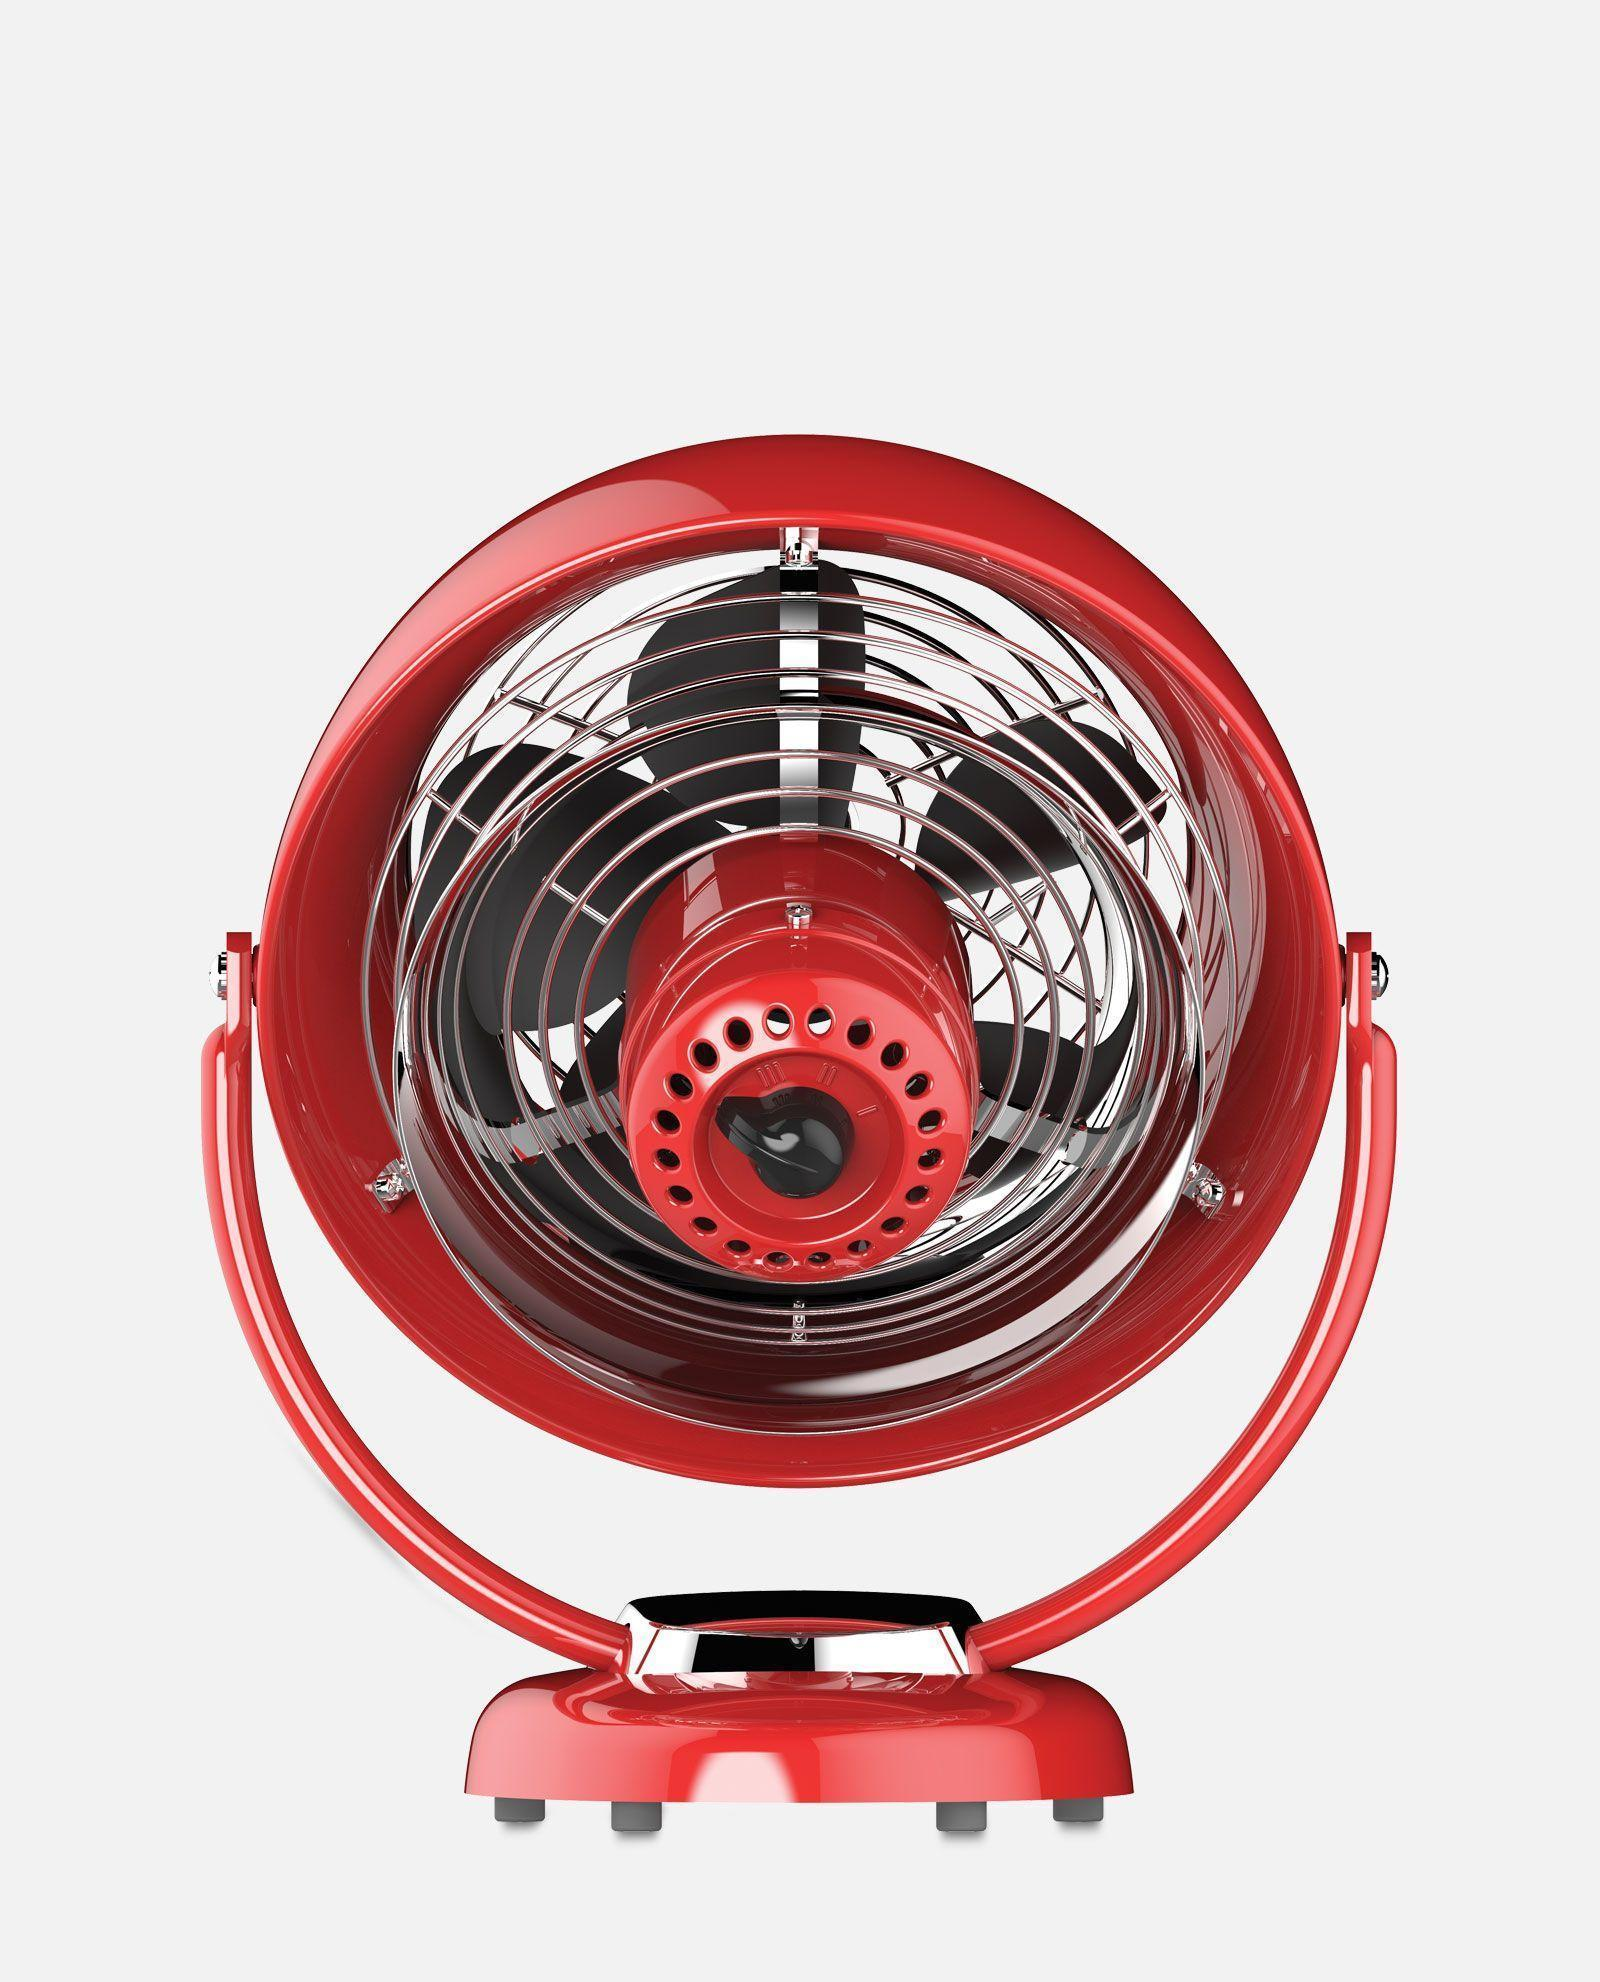 Vornado Air Circulators Clip On : Vfan vintage air circulator vornado